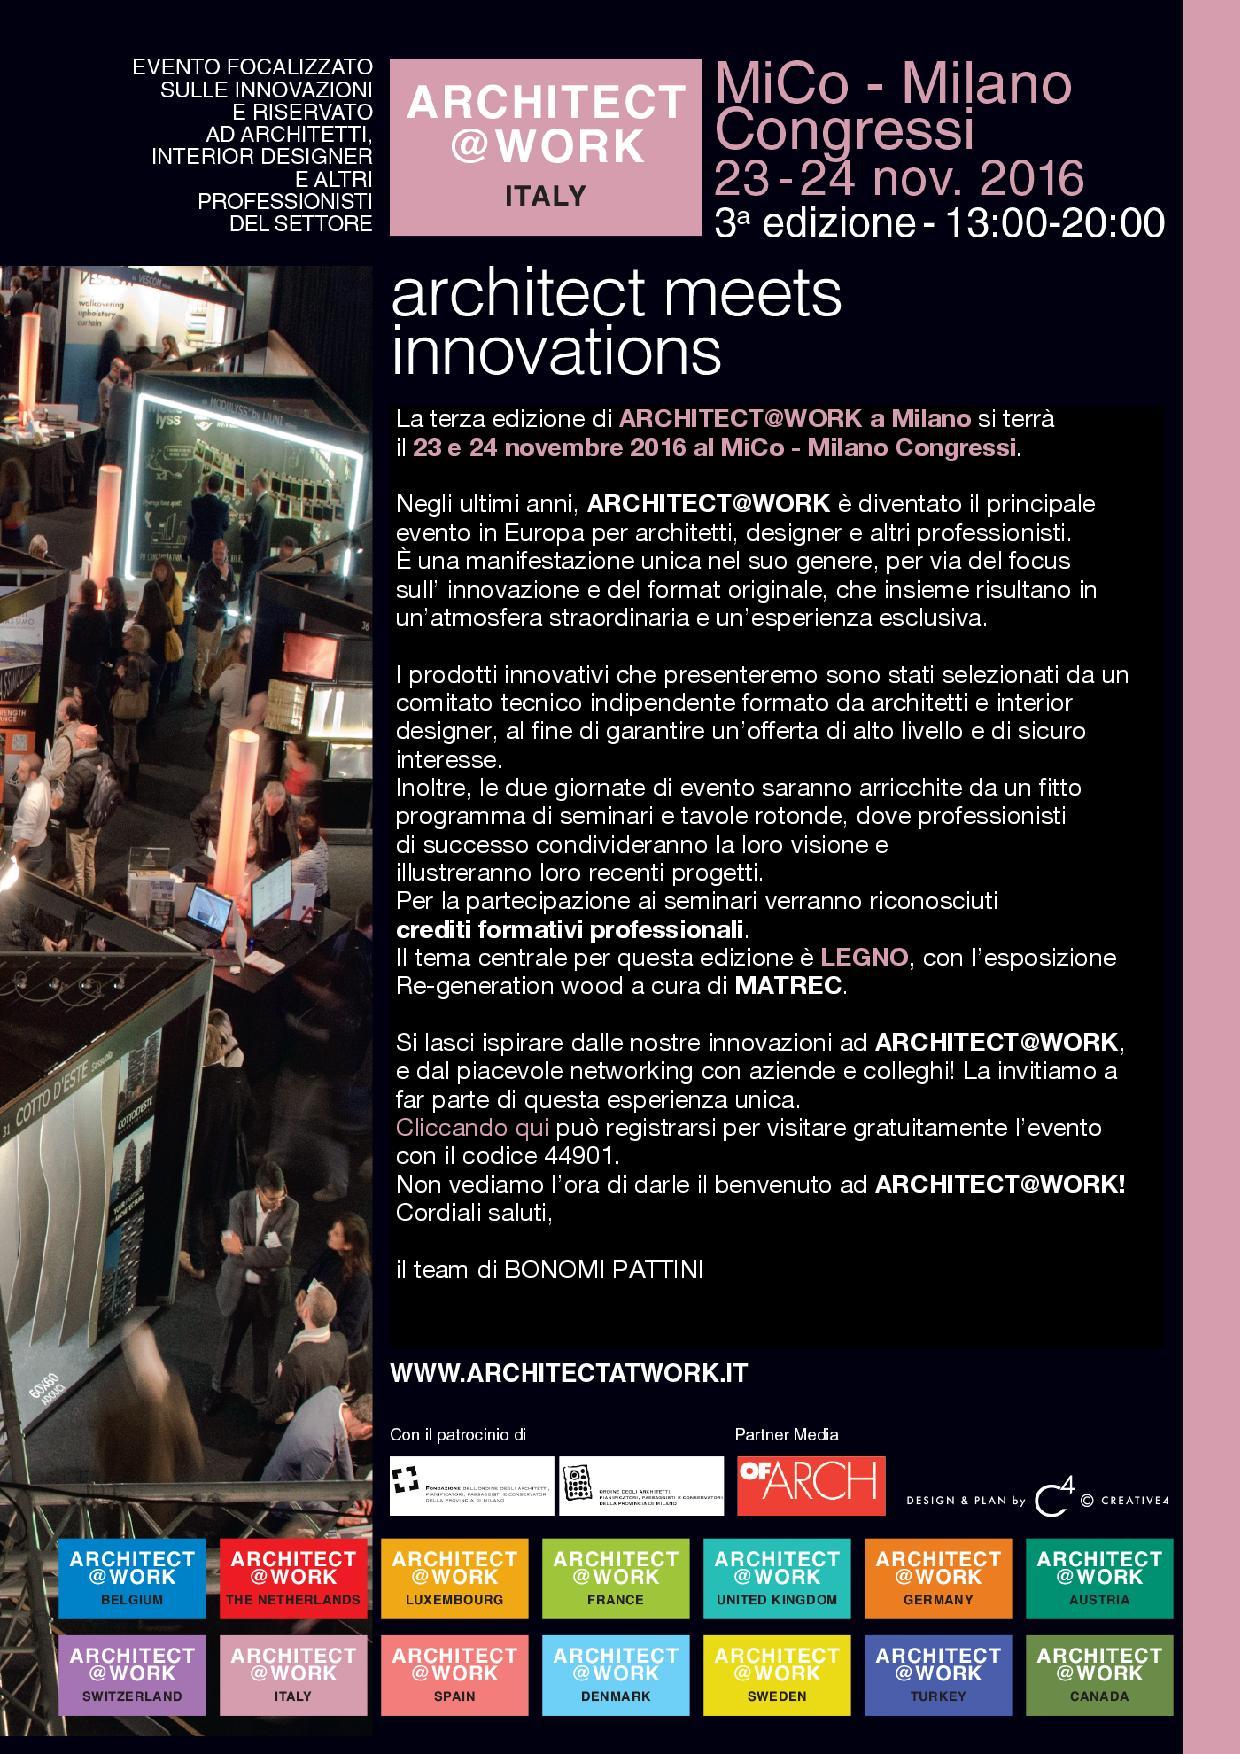 Evento Architect@Work MiCo – Milano Congressi 23-24 novembre 2016